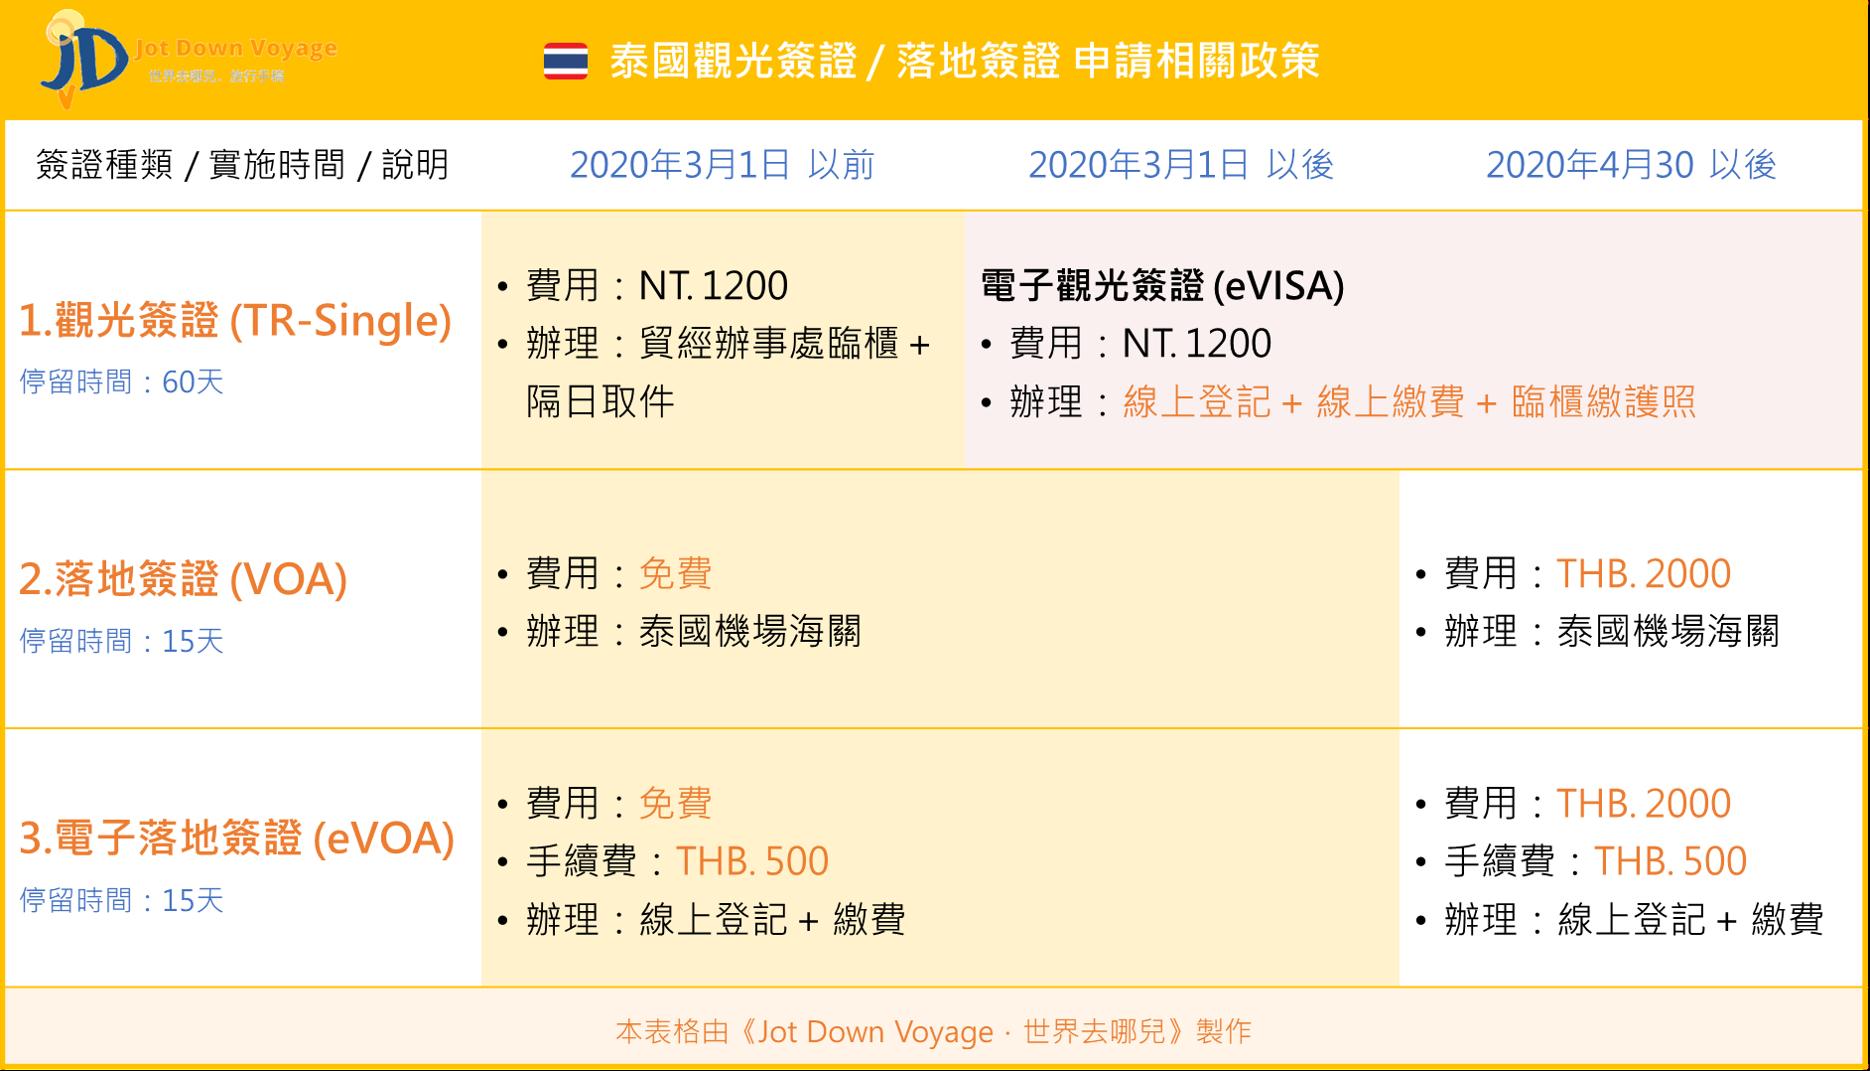 泰國觀光簽證 各樣申請政策實施時間表:電子簽證(TR-single E-VISA)、落地簽證(VOA)、電子落地簽證(E-VOA)